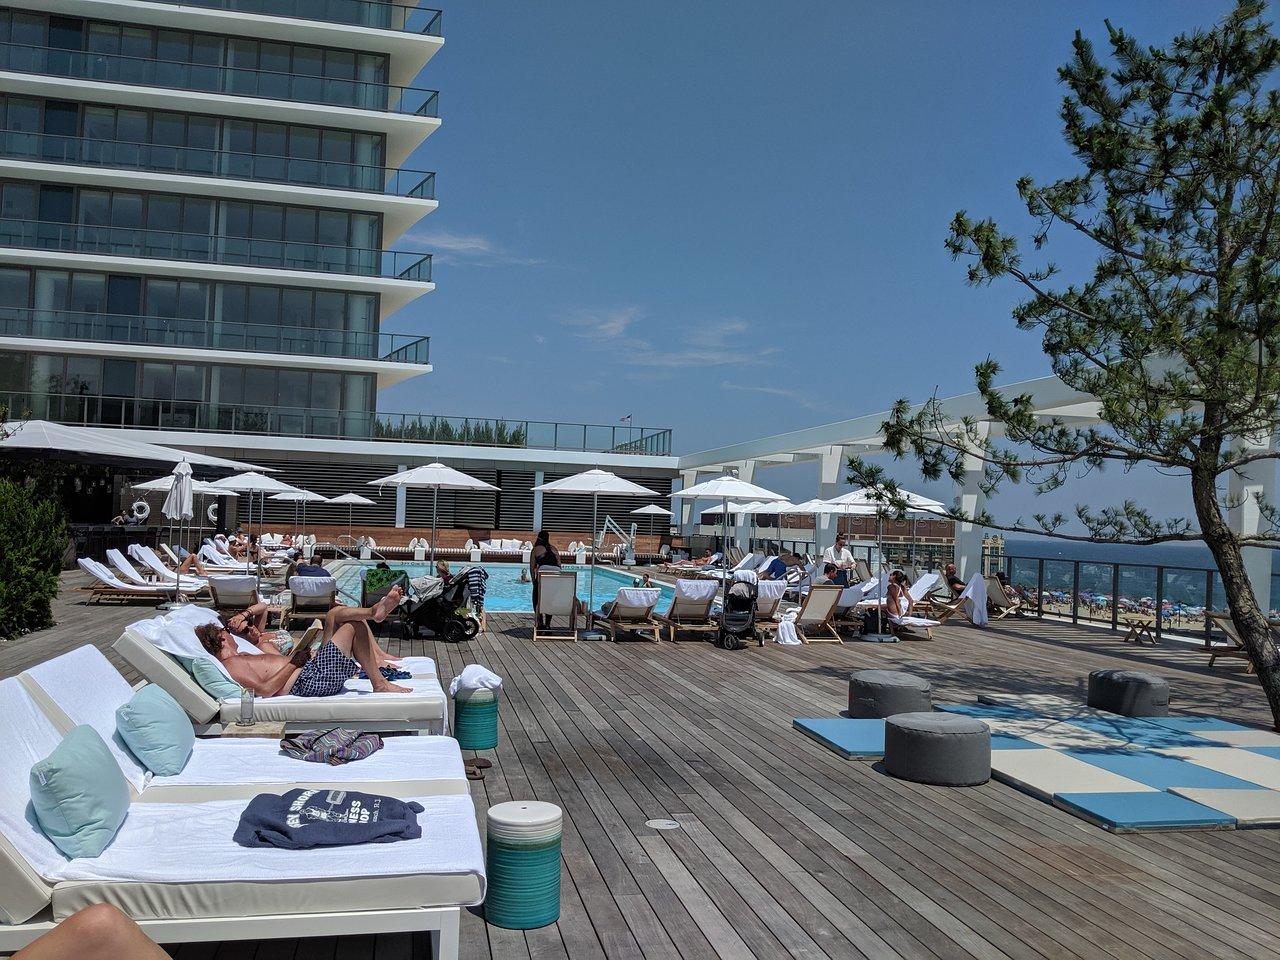 ASBURY OCEAN CLUB - Updated 2019 Specialty Hotel Reviews (Asbury